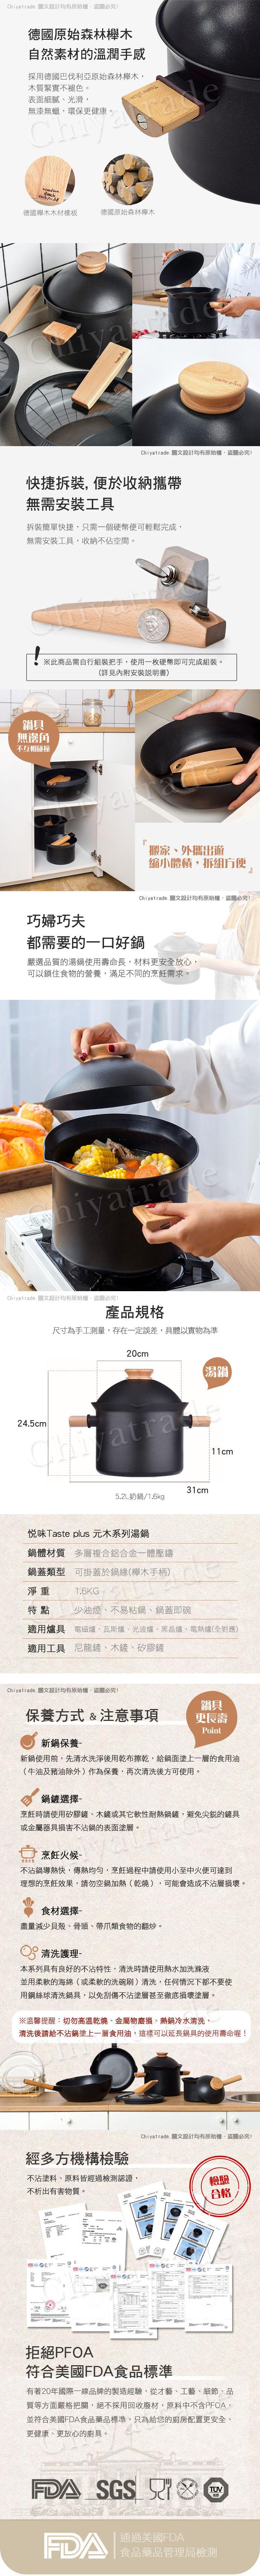 (複製)【Taste Plus】悅味元木系列 內外不沾鍋 平底炒鍋 30cm IH全對應設計(附原廠鍋蓋+木鏟)